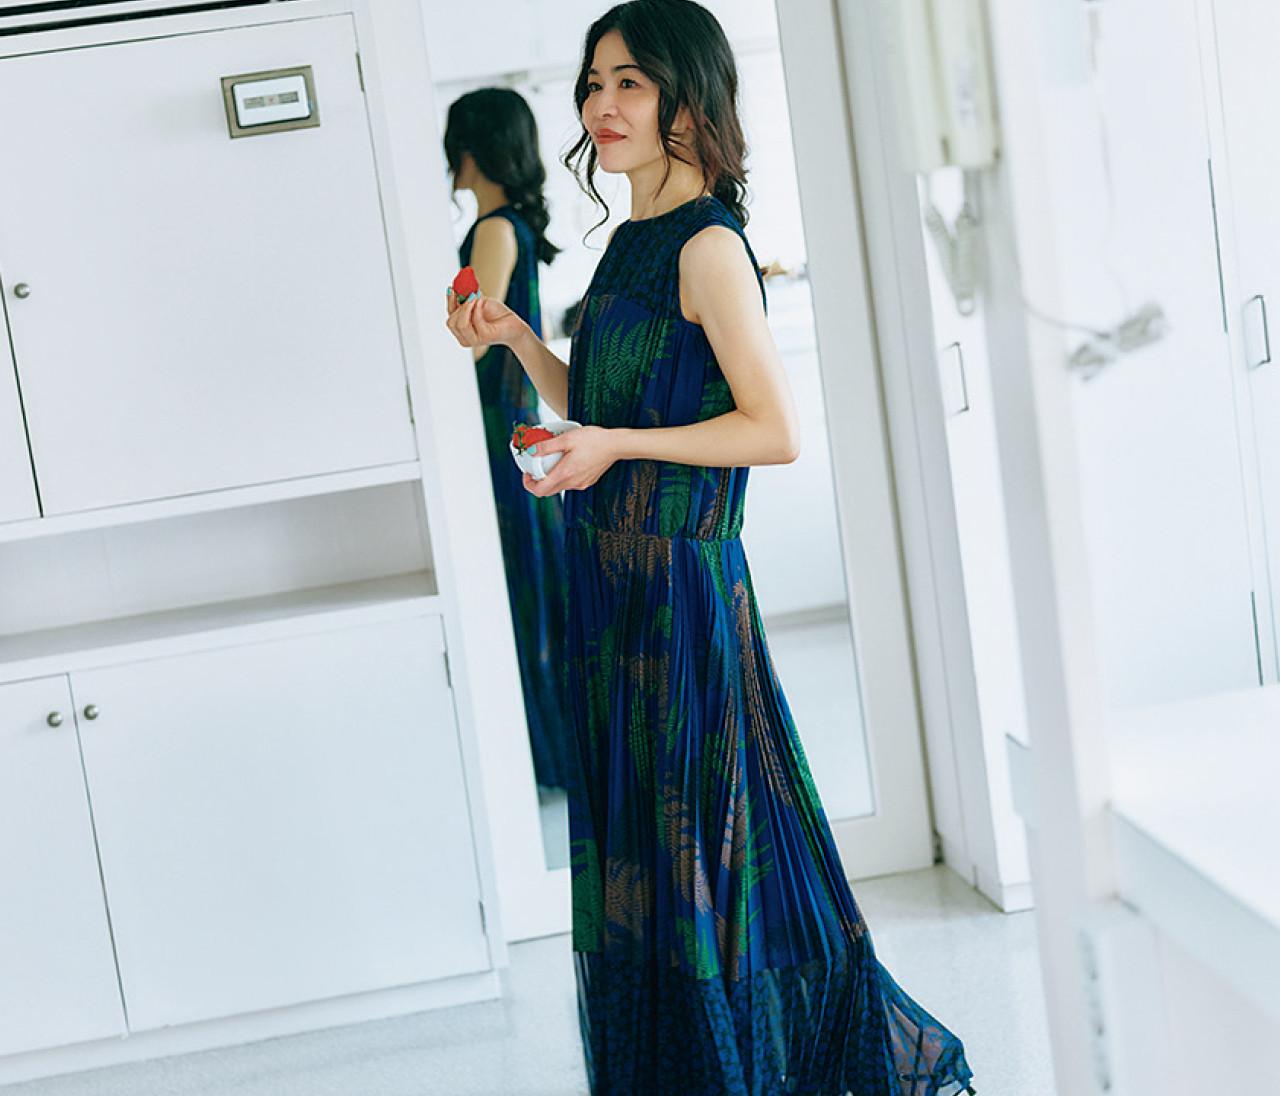 【辻直子さんの服と小物】シャネルの2.55バッグ、サカイのワンピース...名品の着こなしはさすが!